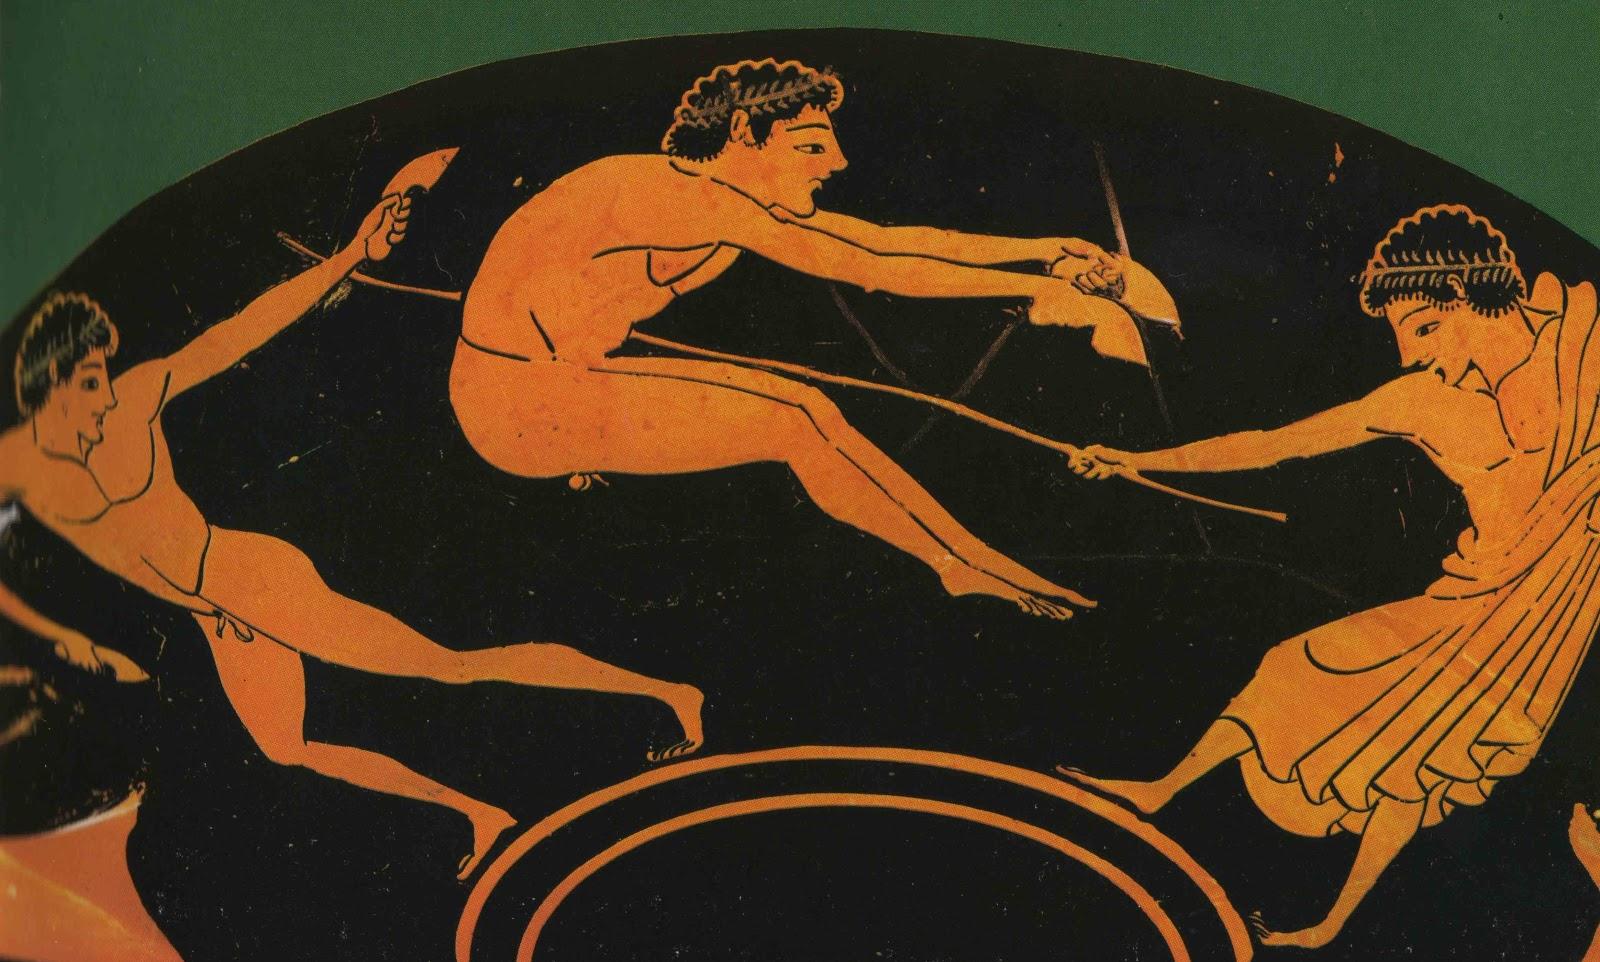 греческий атлет картинка опережу события опишу